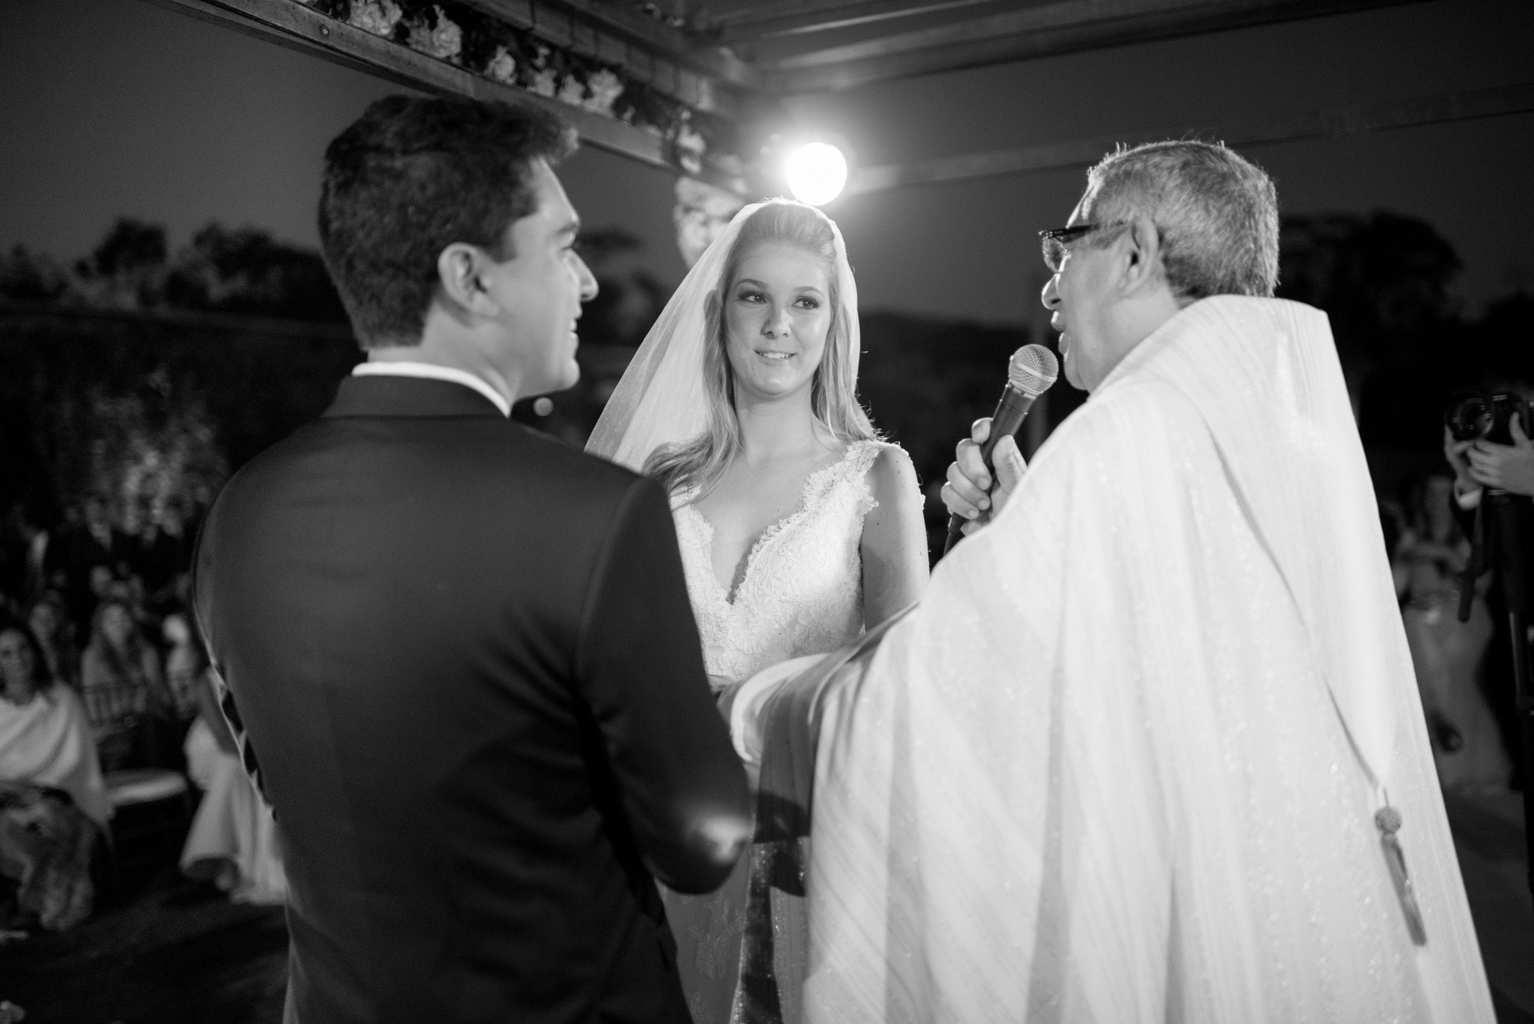 casamento-de-dia-casamento-Nicole-e-Thales-casamento-no-jardim-csasamento-ao-ar-livre-Fotografia-Marina-Fava-Galeria-Jardim-Rio-de-Janeiro-93